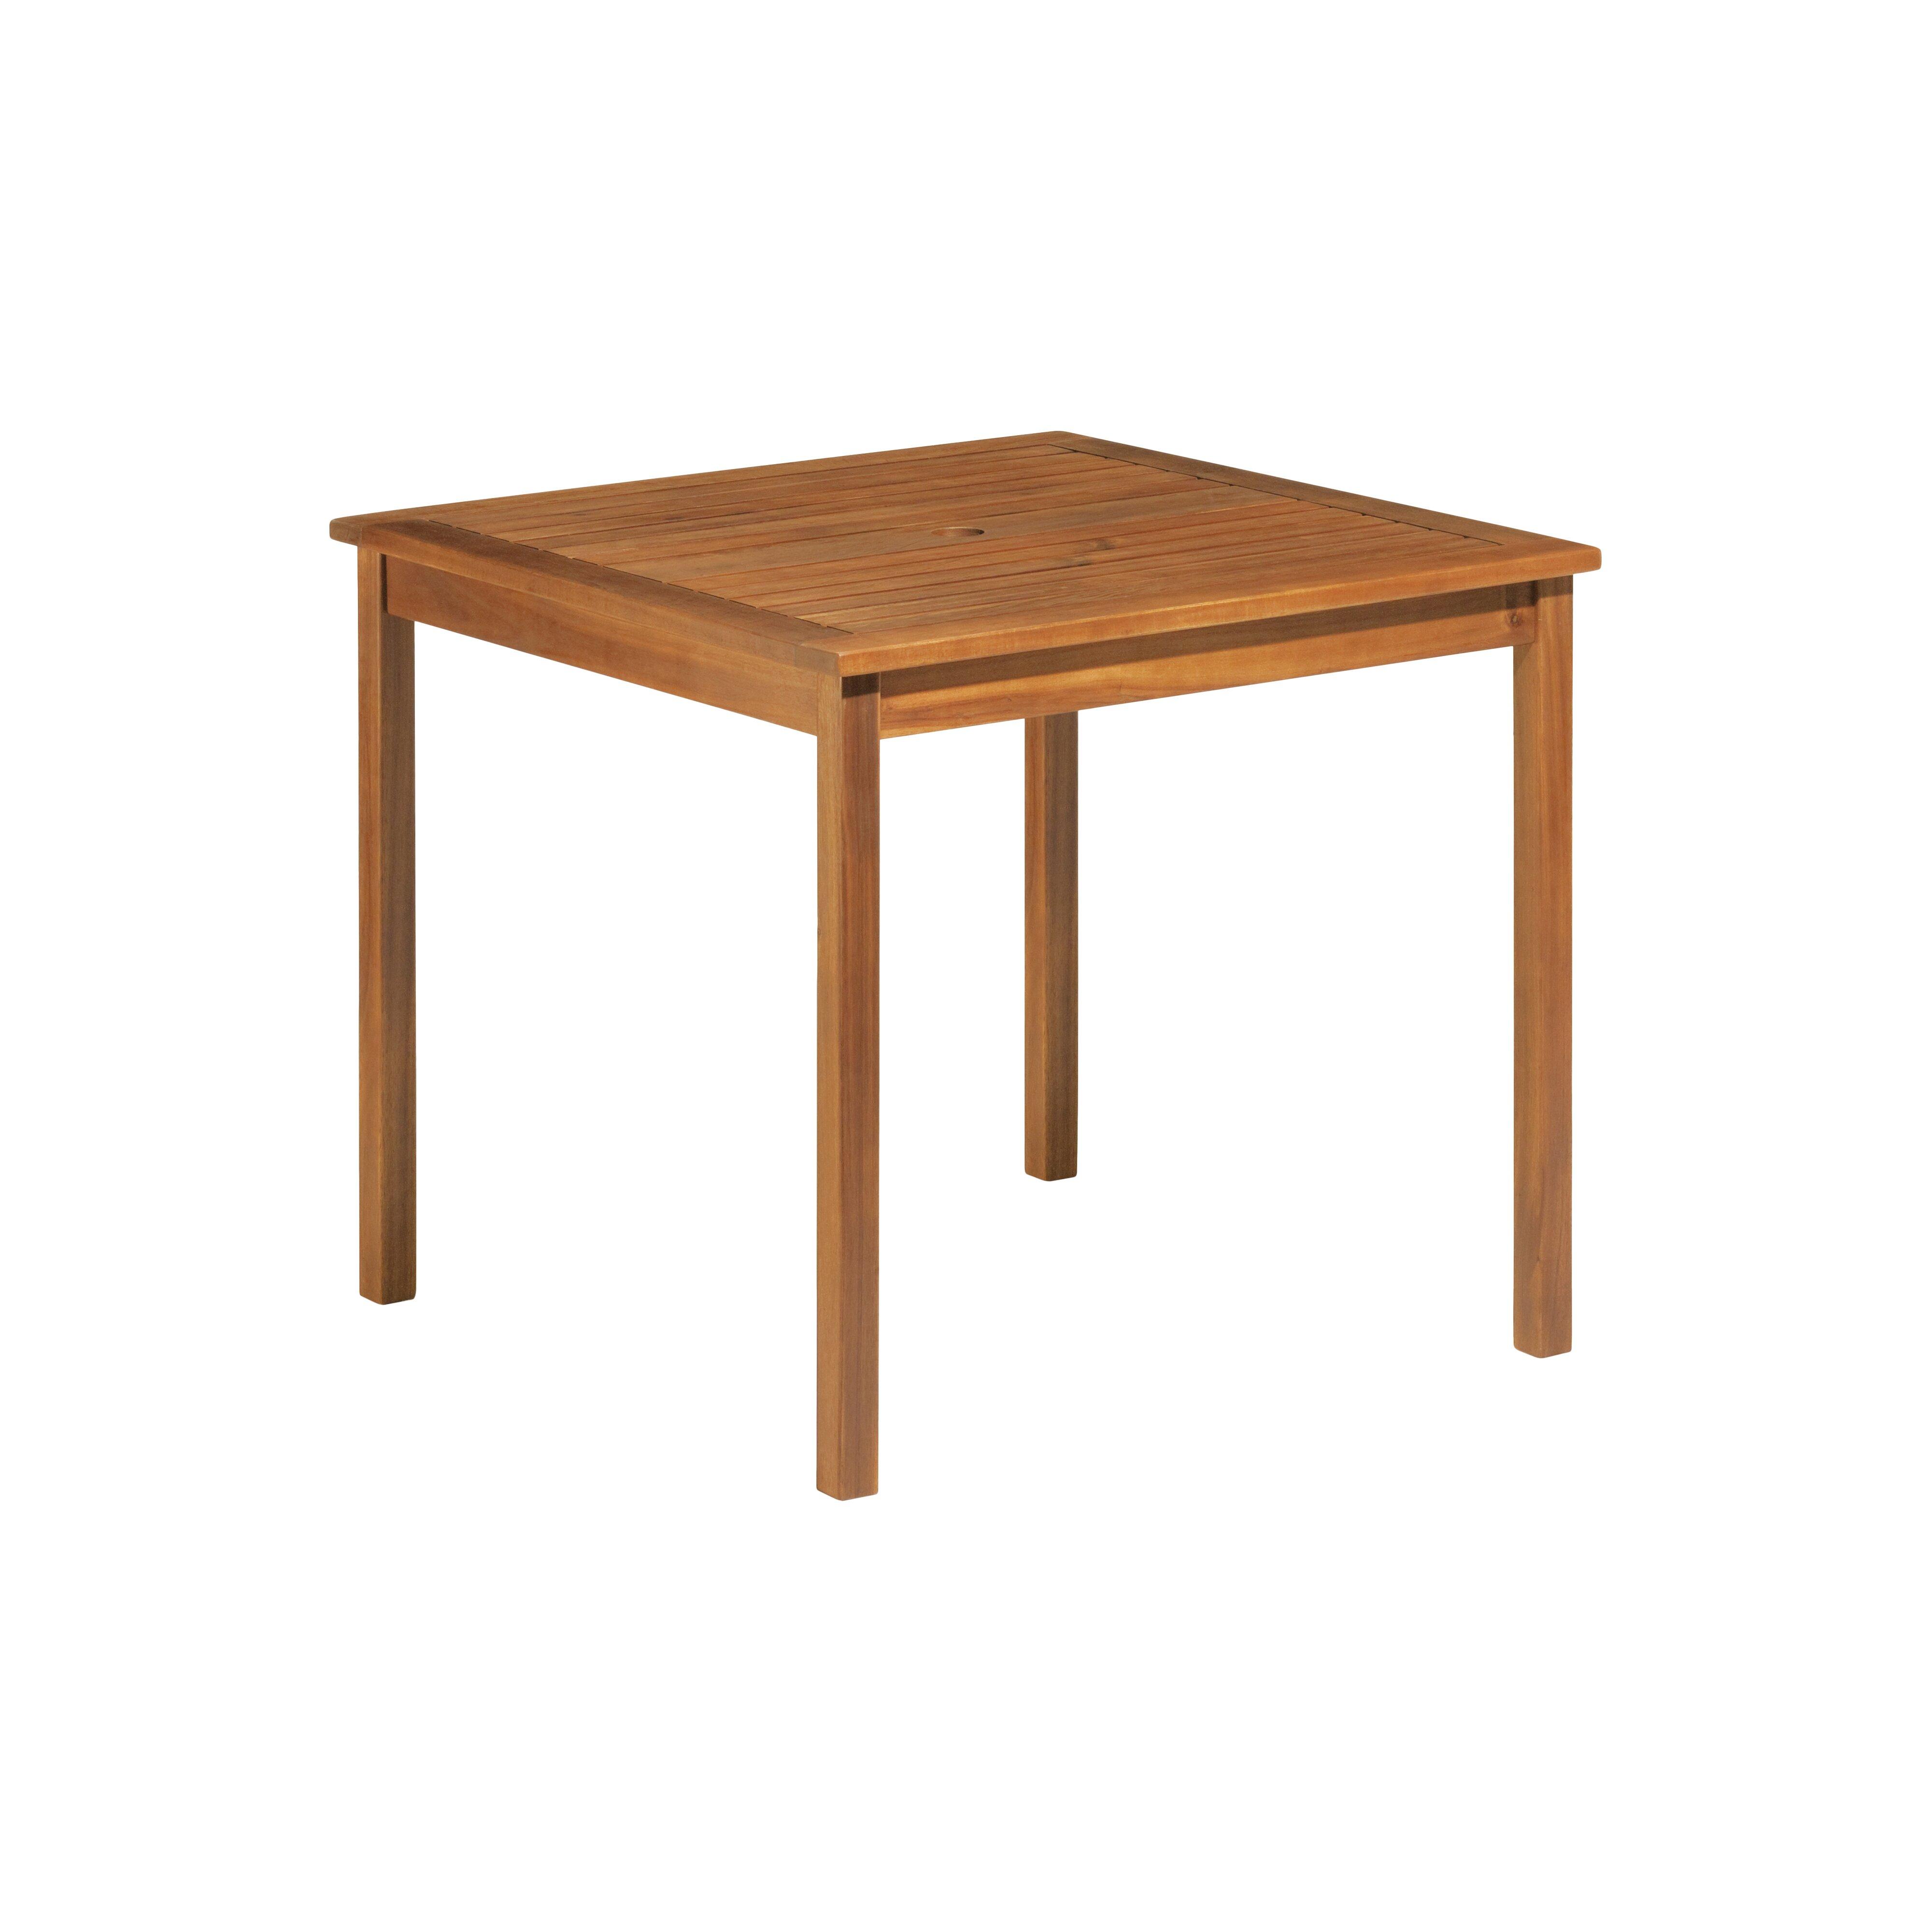 Oxford garden capri acacia patio dining table reviews for Table queens acacia